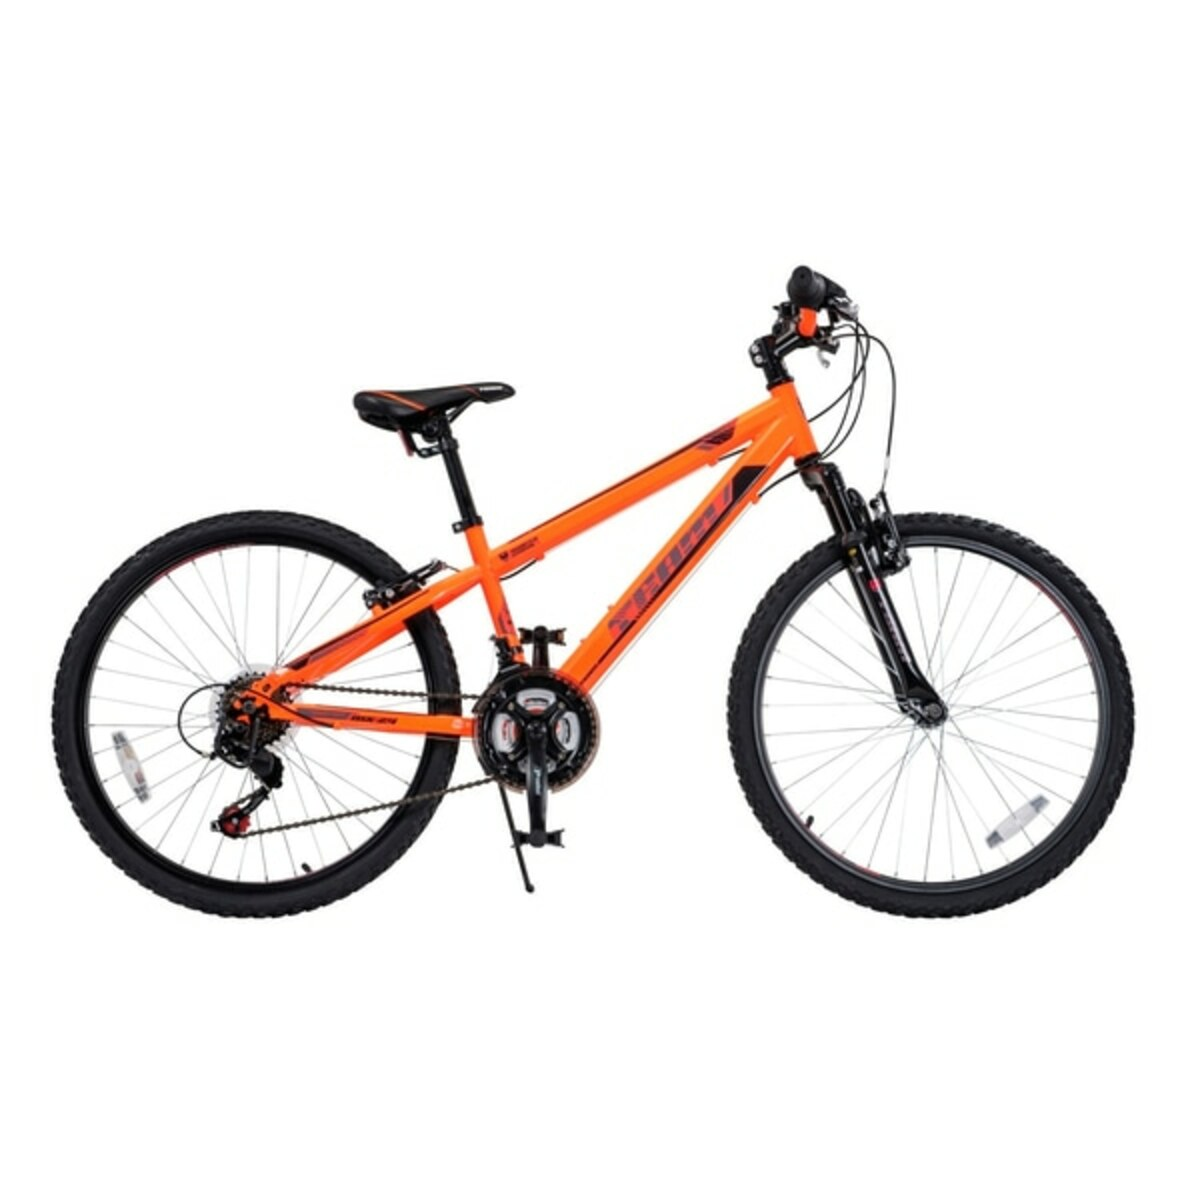 Bild 4 von 20 Zoll Mountainbike X-Team MX-20, orange